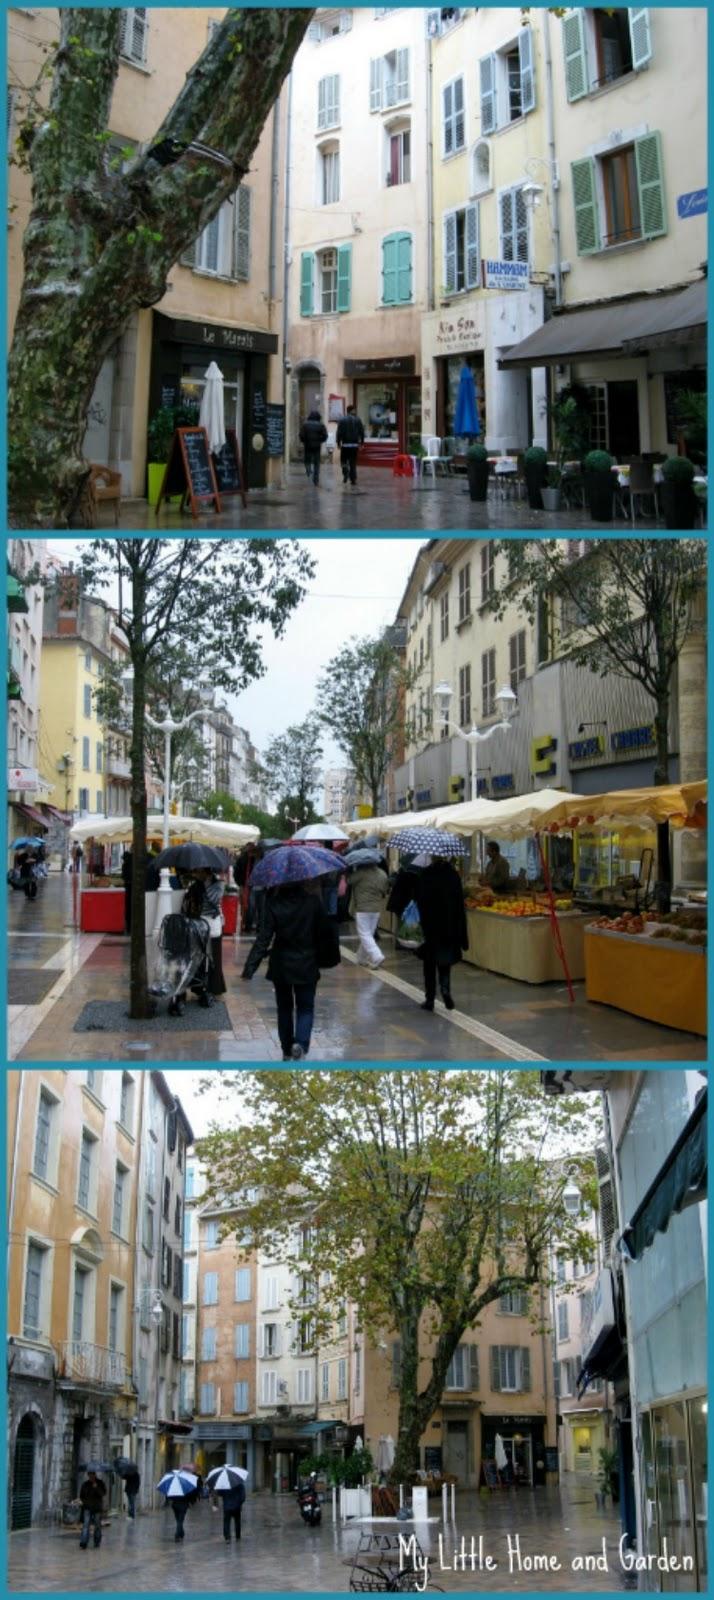 Rencontre Sexe Marseille 05 (13005), Trouves Ton Plan Cul Sur Gare Aux Coquines